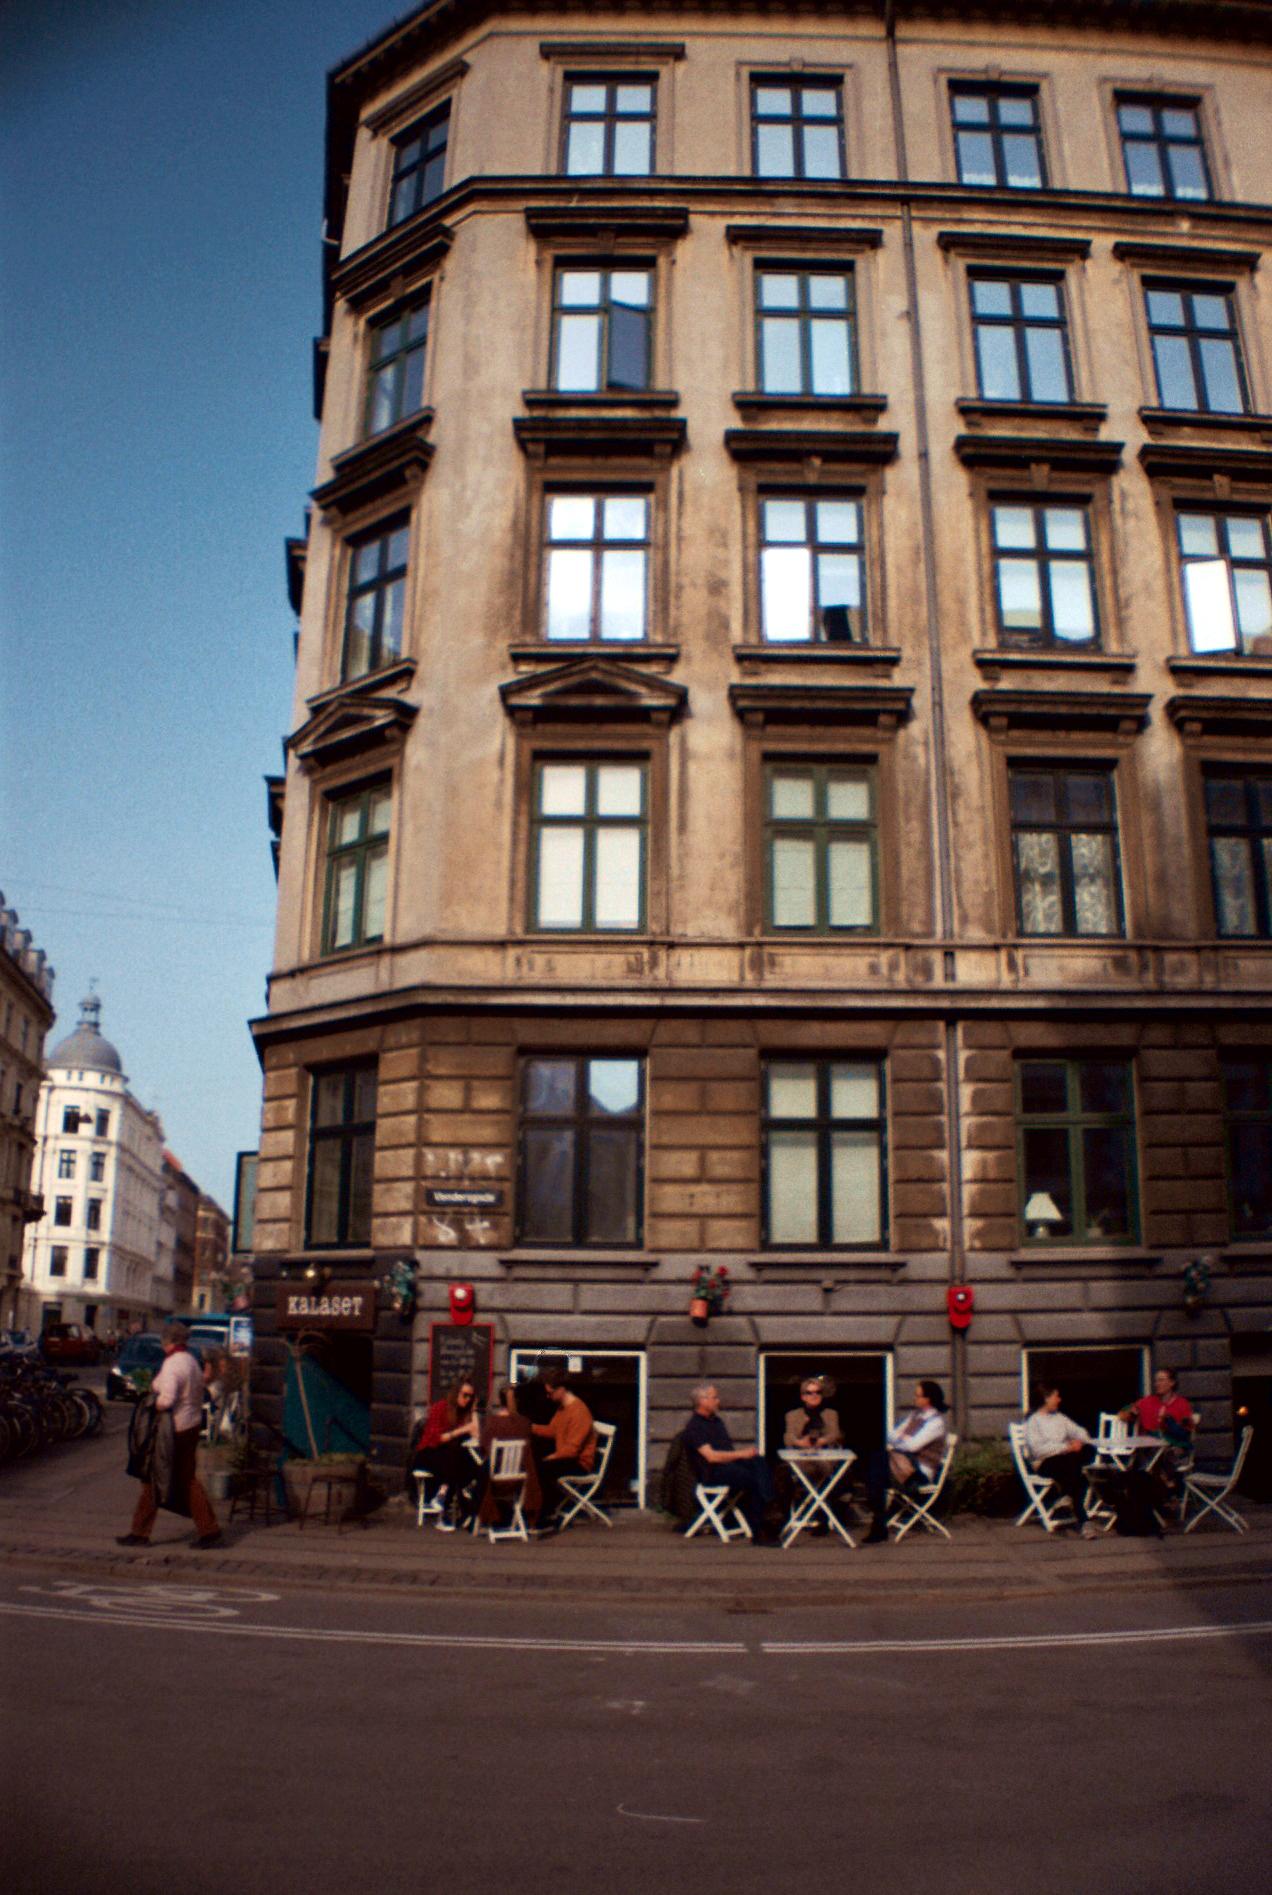 Café Kalaset Nørreport Brunch Bar Lunch Restaurant Nansensgade København Copenhagen Copenhej